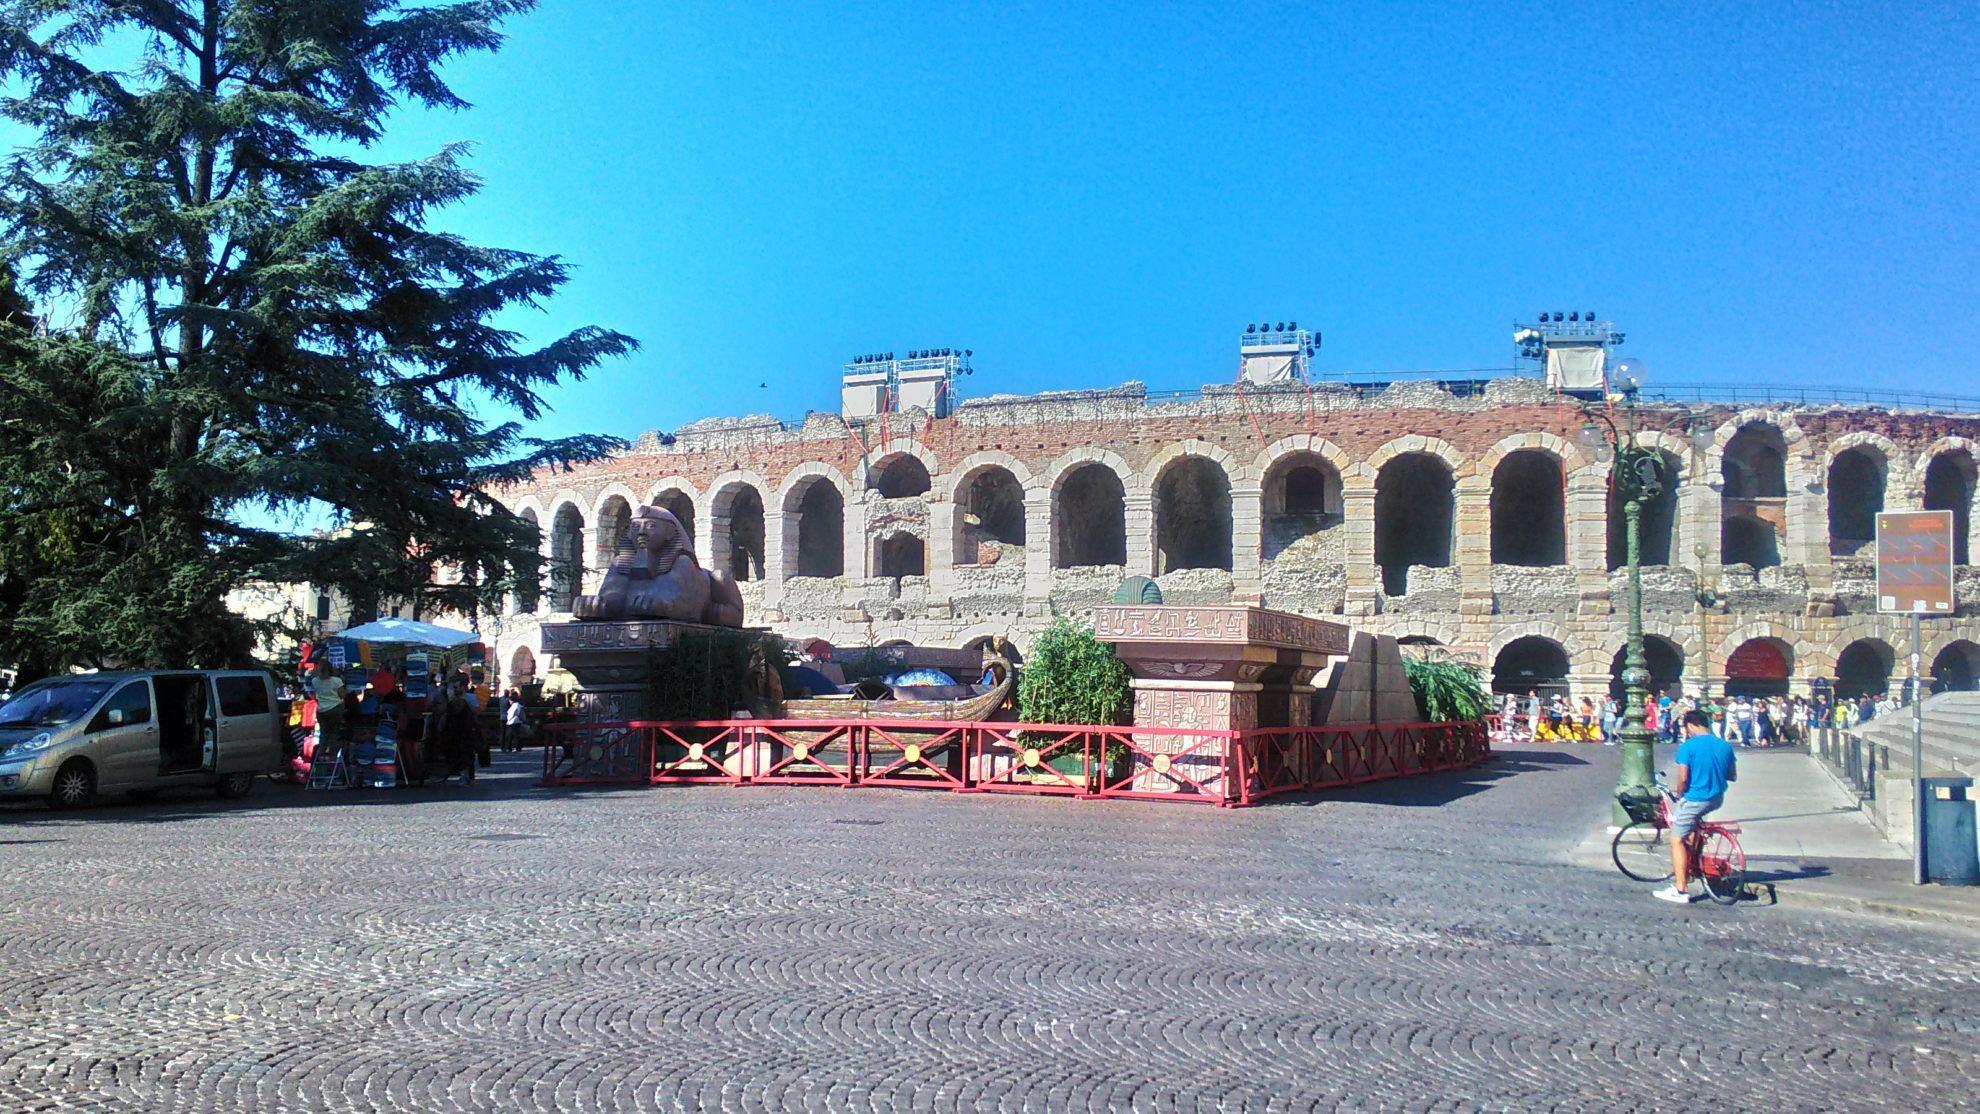 Цена чемоданы италия верона оптовые продажи сумки, чемоданы, кошельки, портмане санкт-петербург